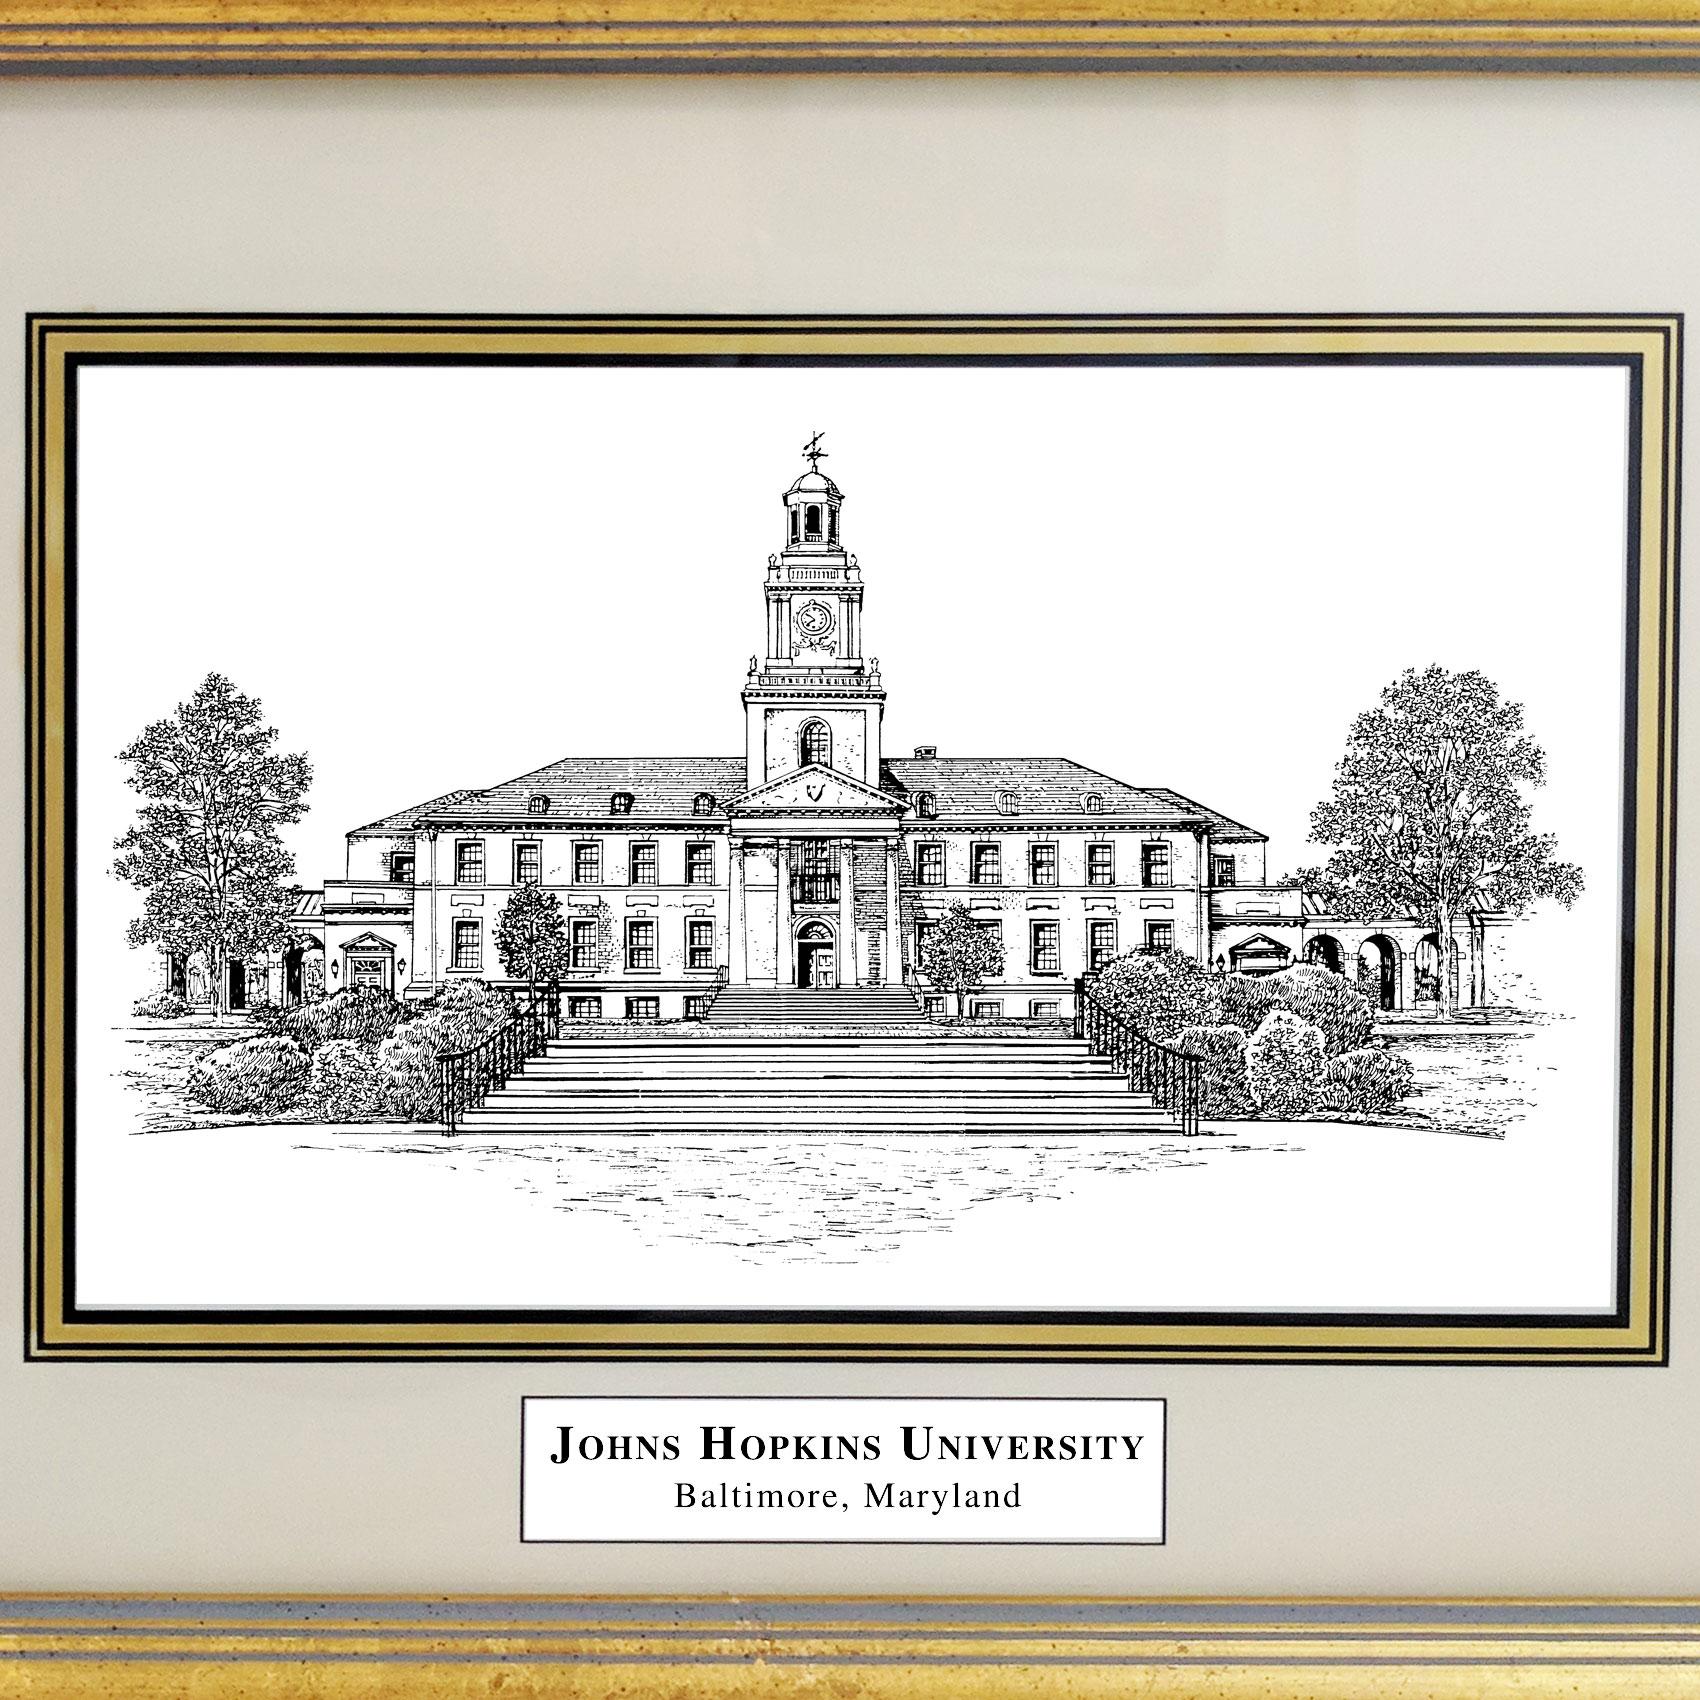 Framed Pen and Ink Johns Hopkins University Print - Image 2